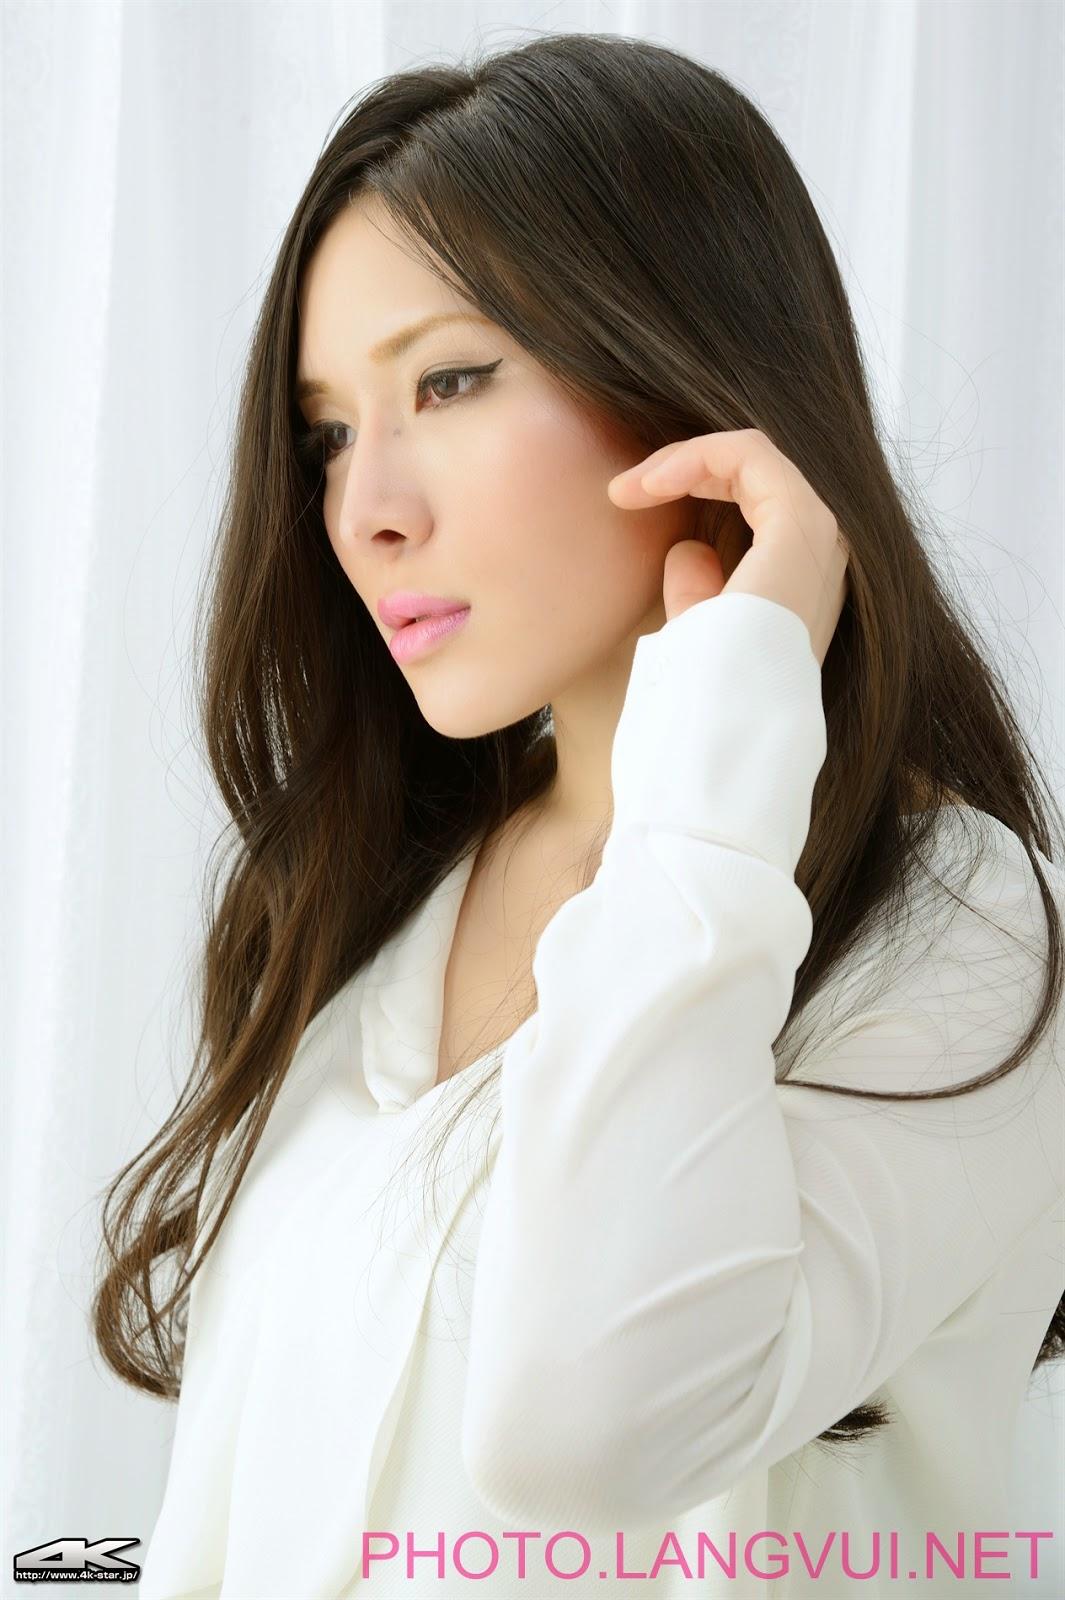 4k-Star No-224 uesugi tomoyo